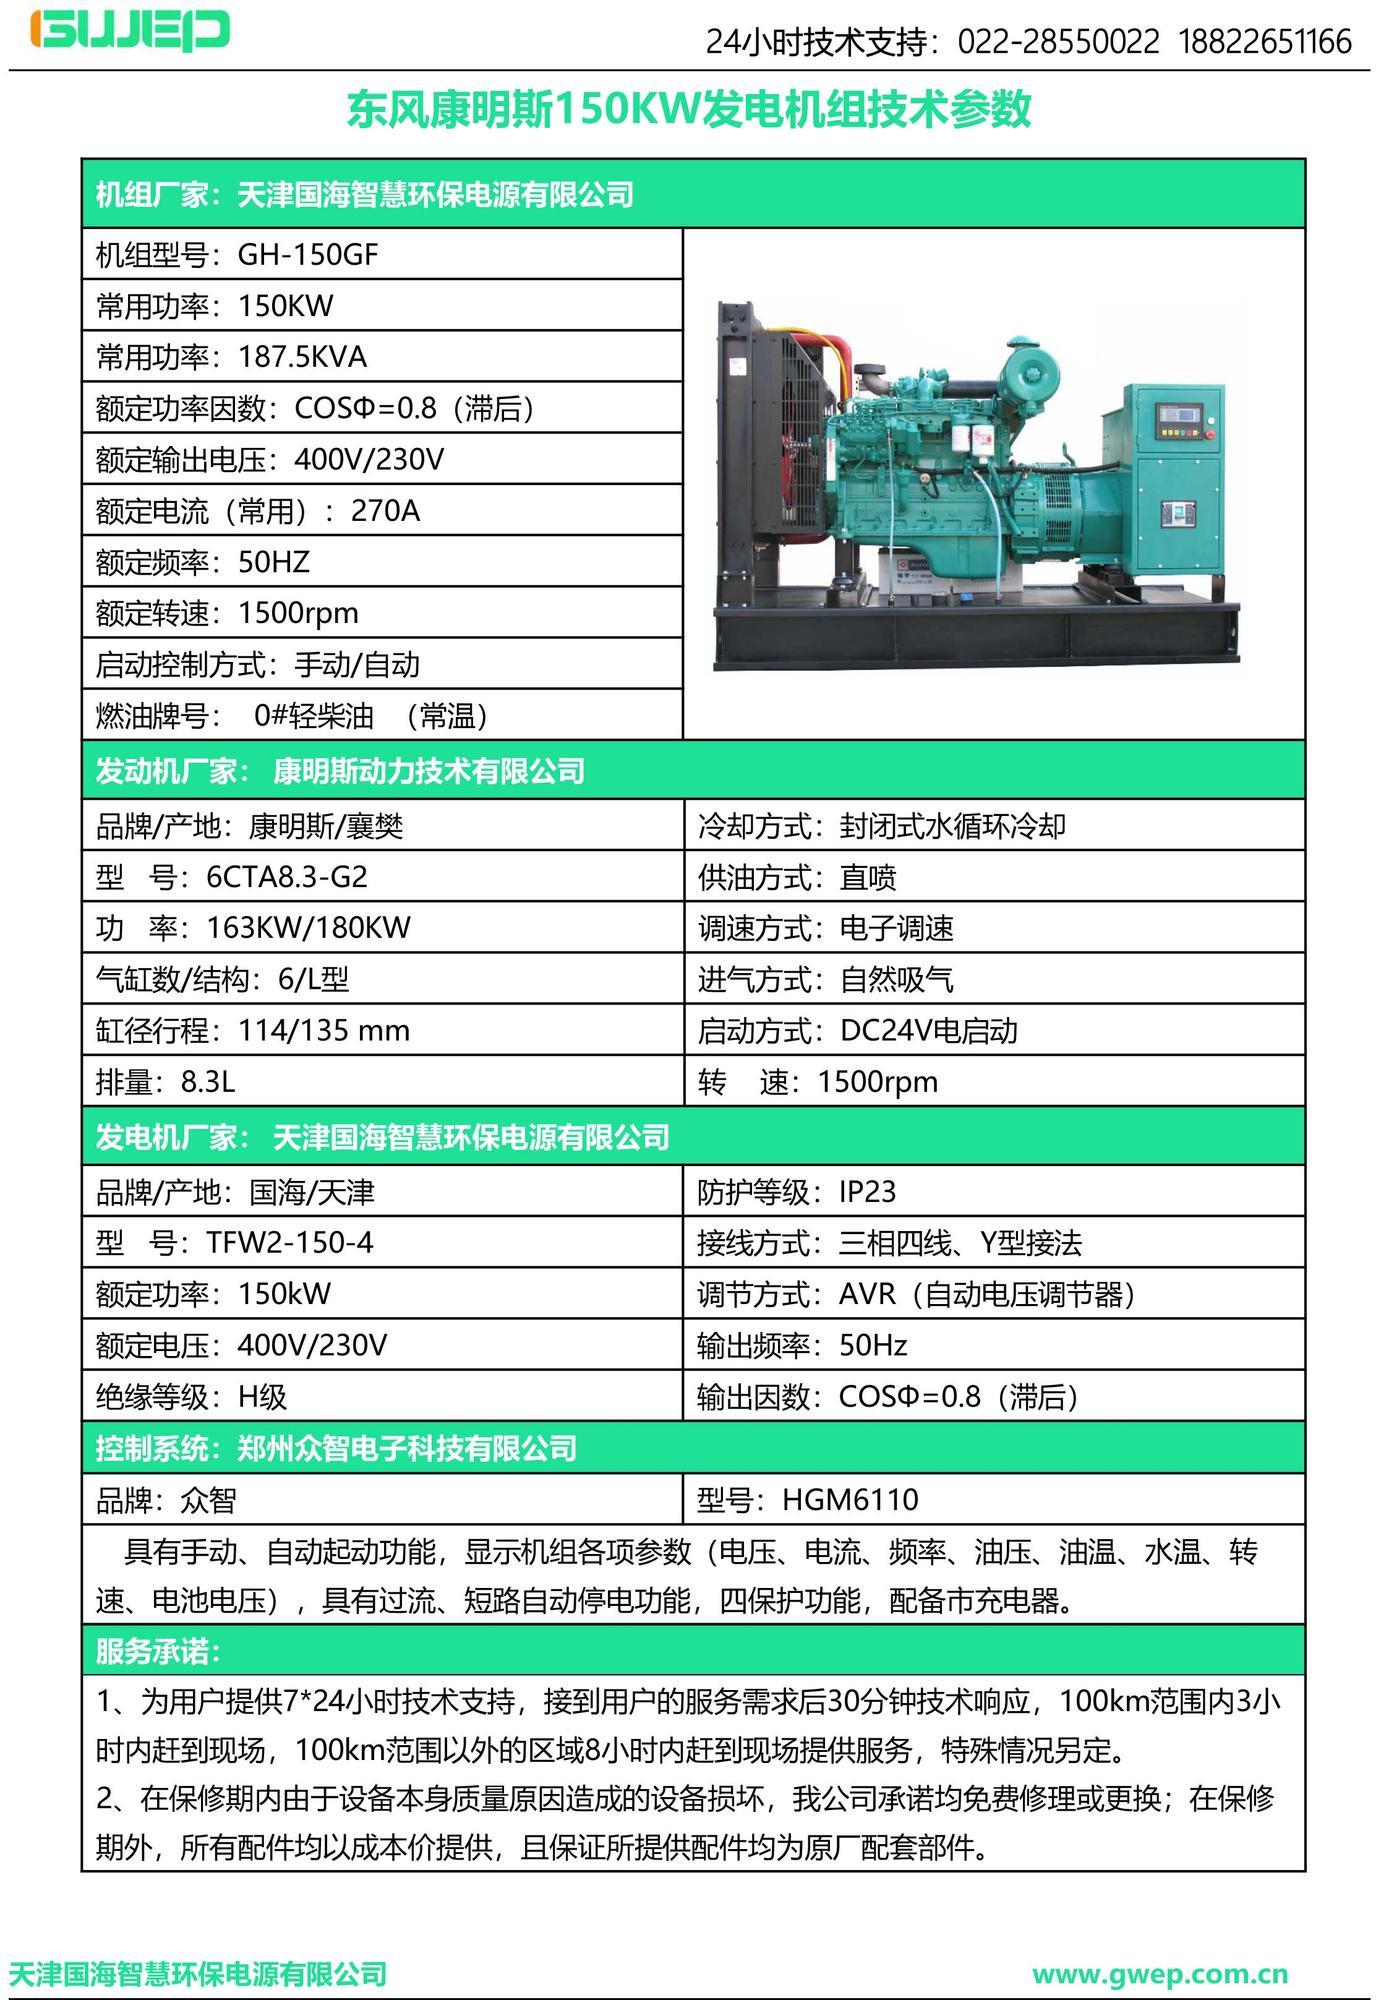 康明斯150KW发电机组技术资料-2.jpg